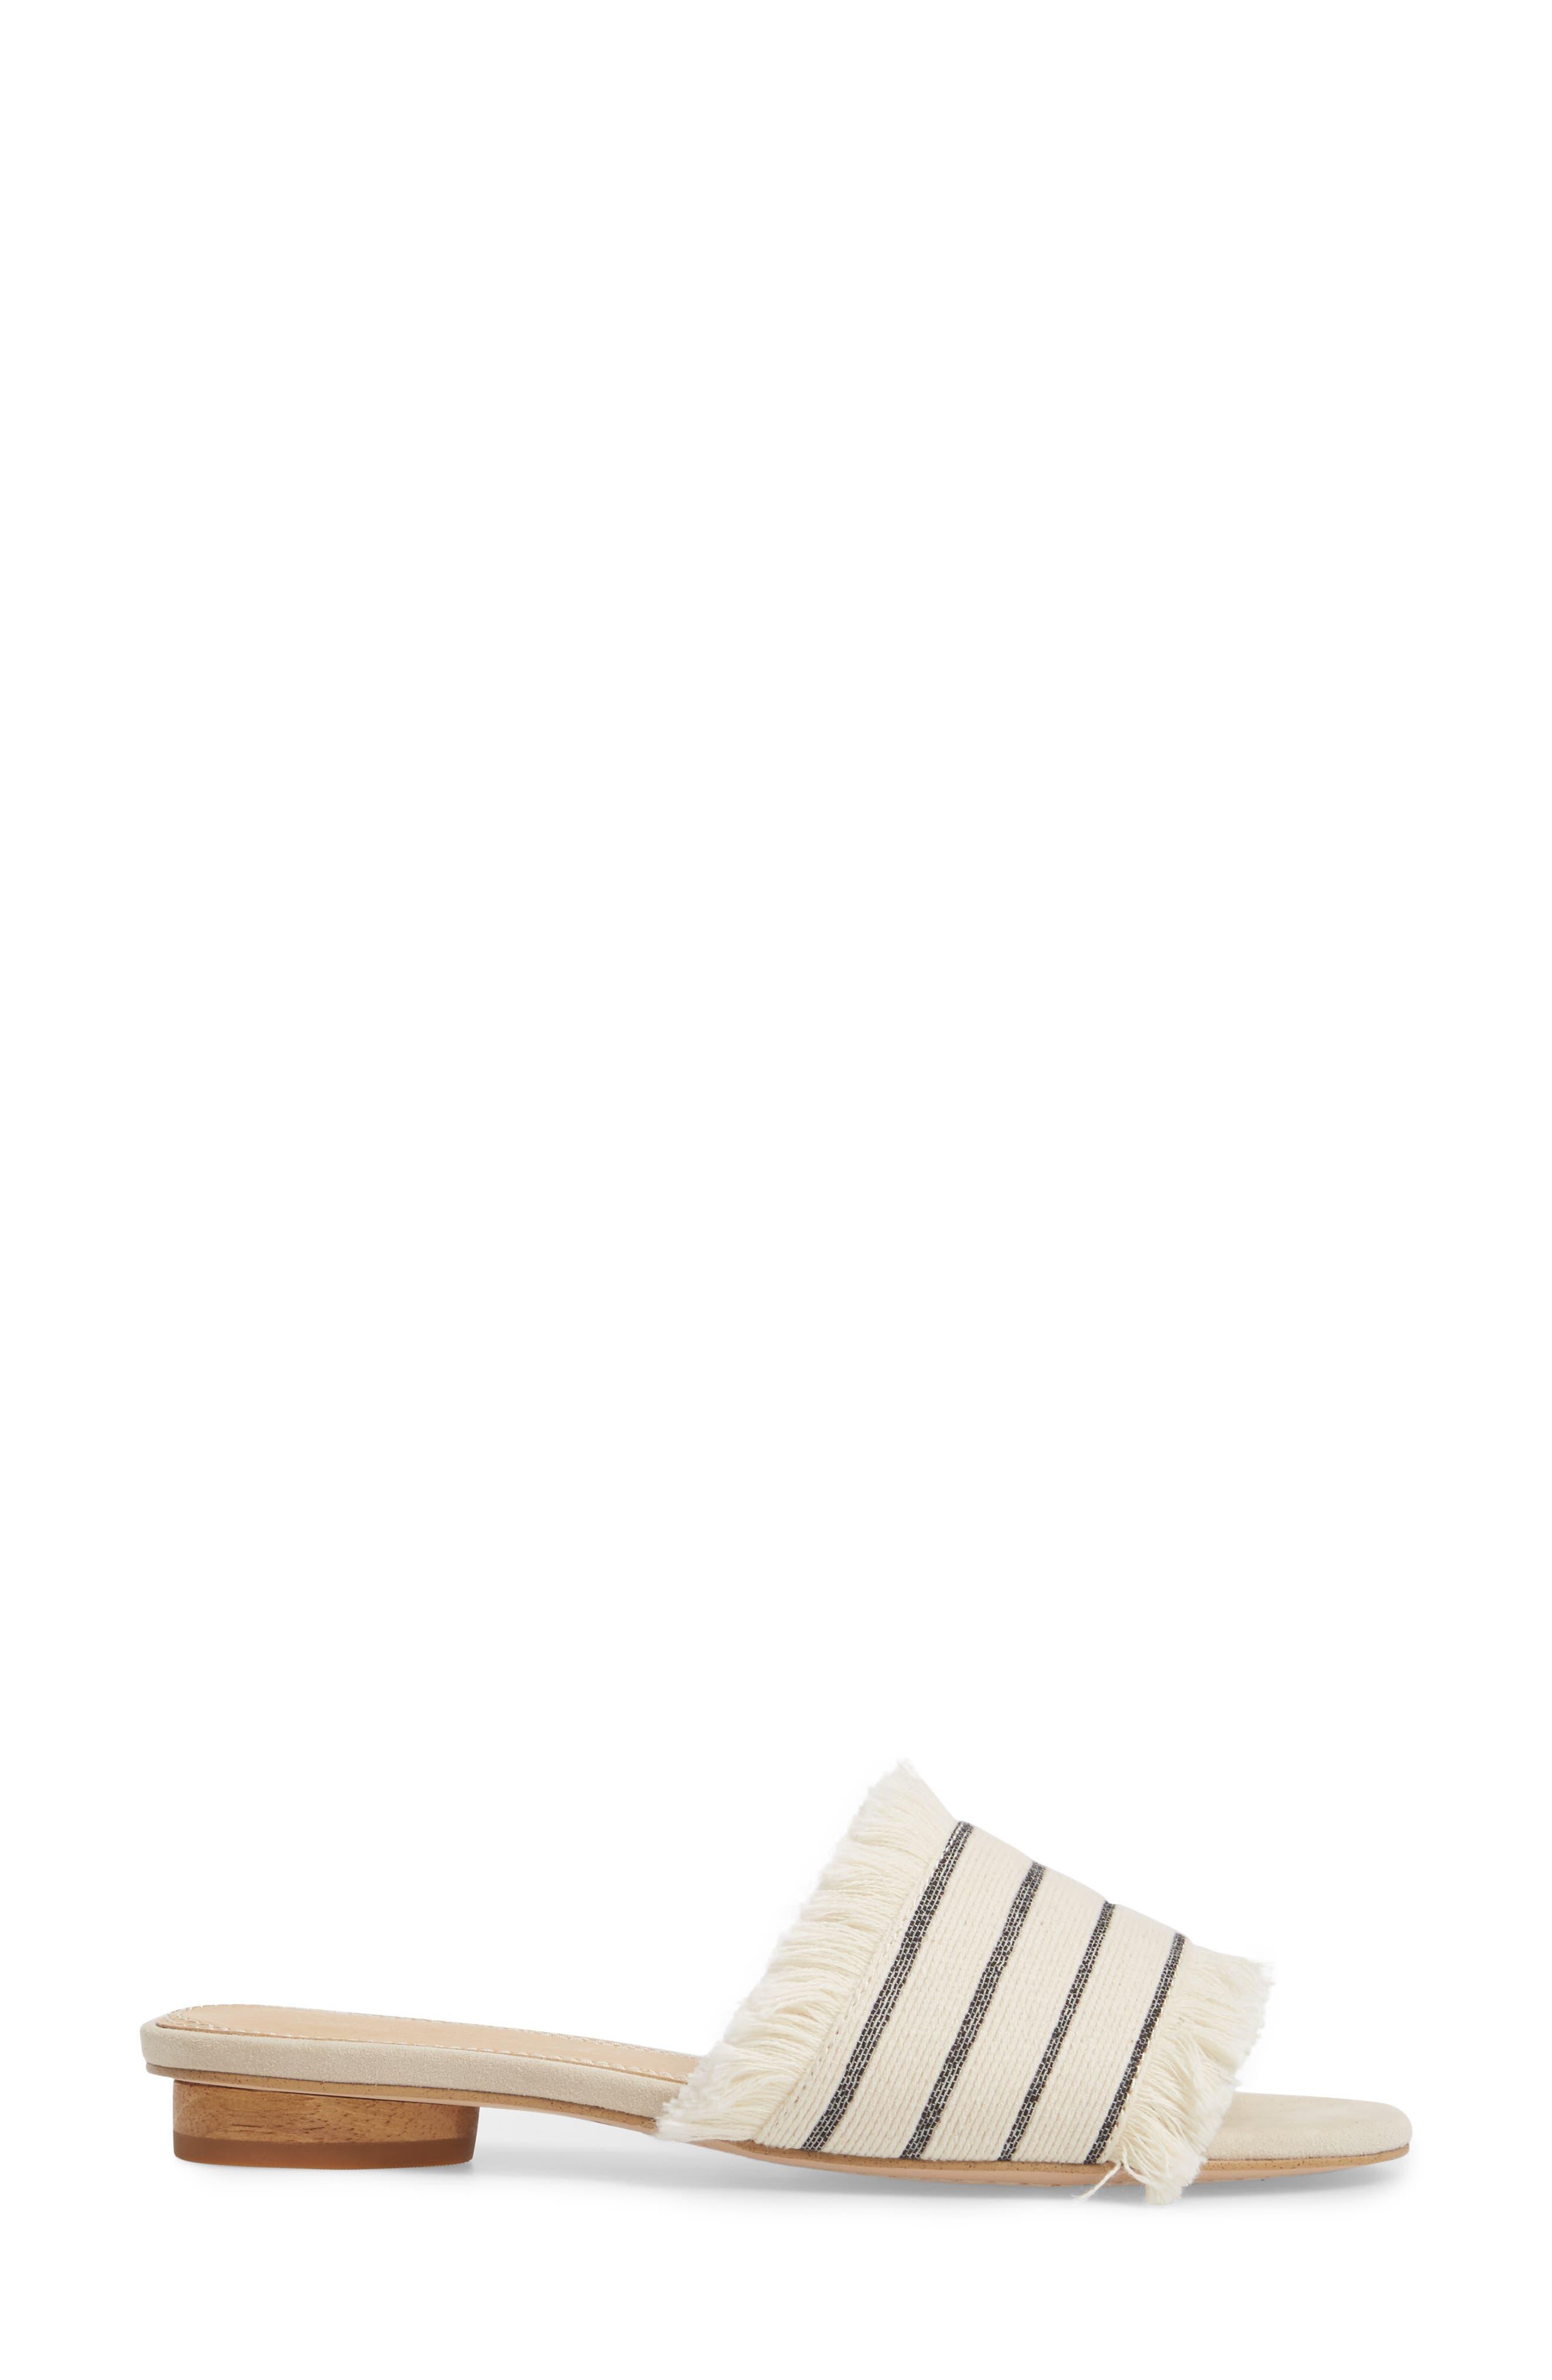 Baldwyn Fringe Slide Sandal,                             Alternate thumbnail 3, color,                             Cream Leather